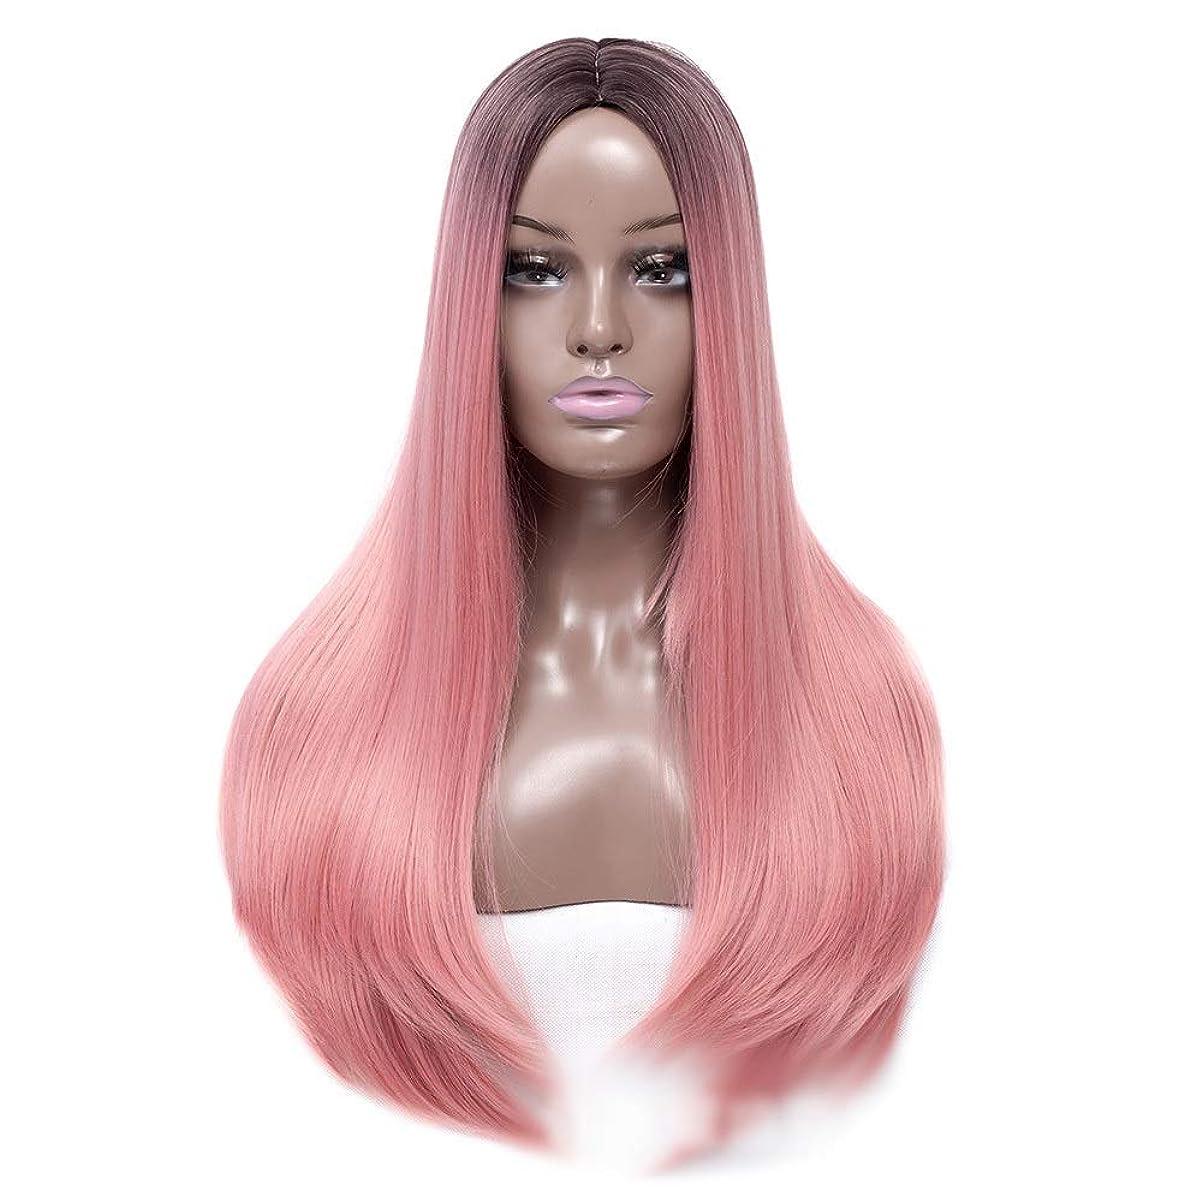 不公平ディスクうがいYESONEEP 女性のピンクのかつら22インチロングストレートヘアヒートセーフ人工毛ホワイトまたは淡い頭皮のパーティーのかつら (Color : ピンク)